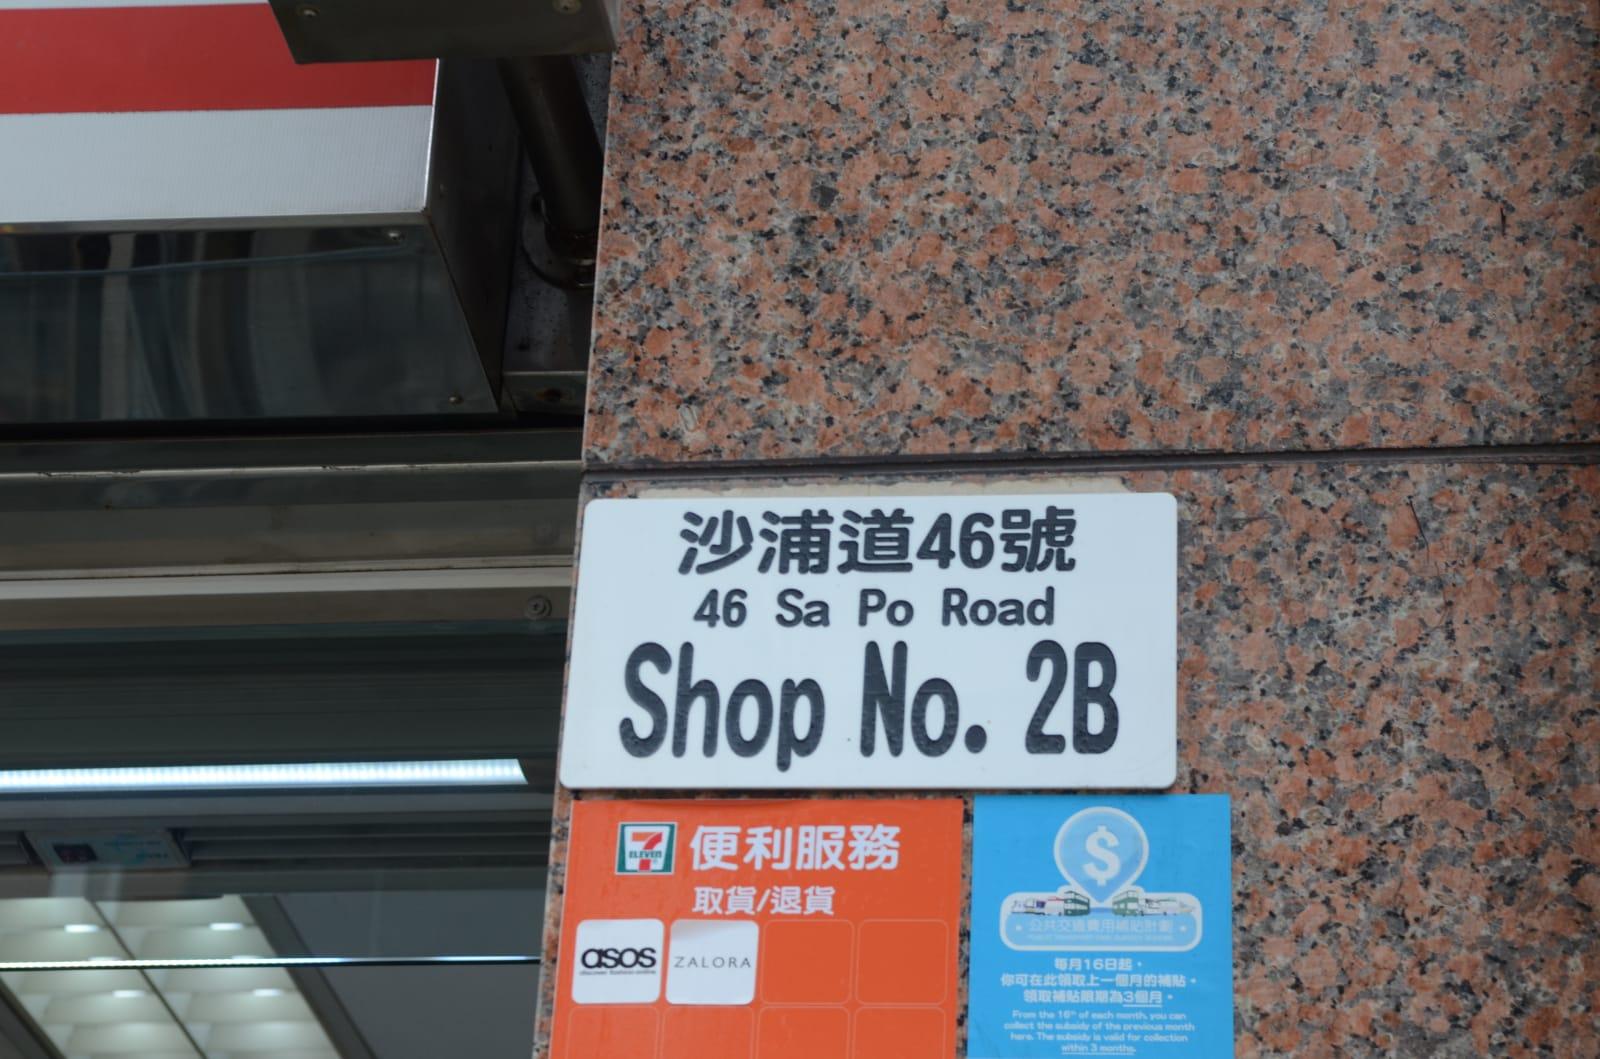 現場為沙浦道46號。